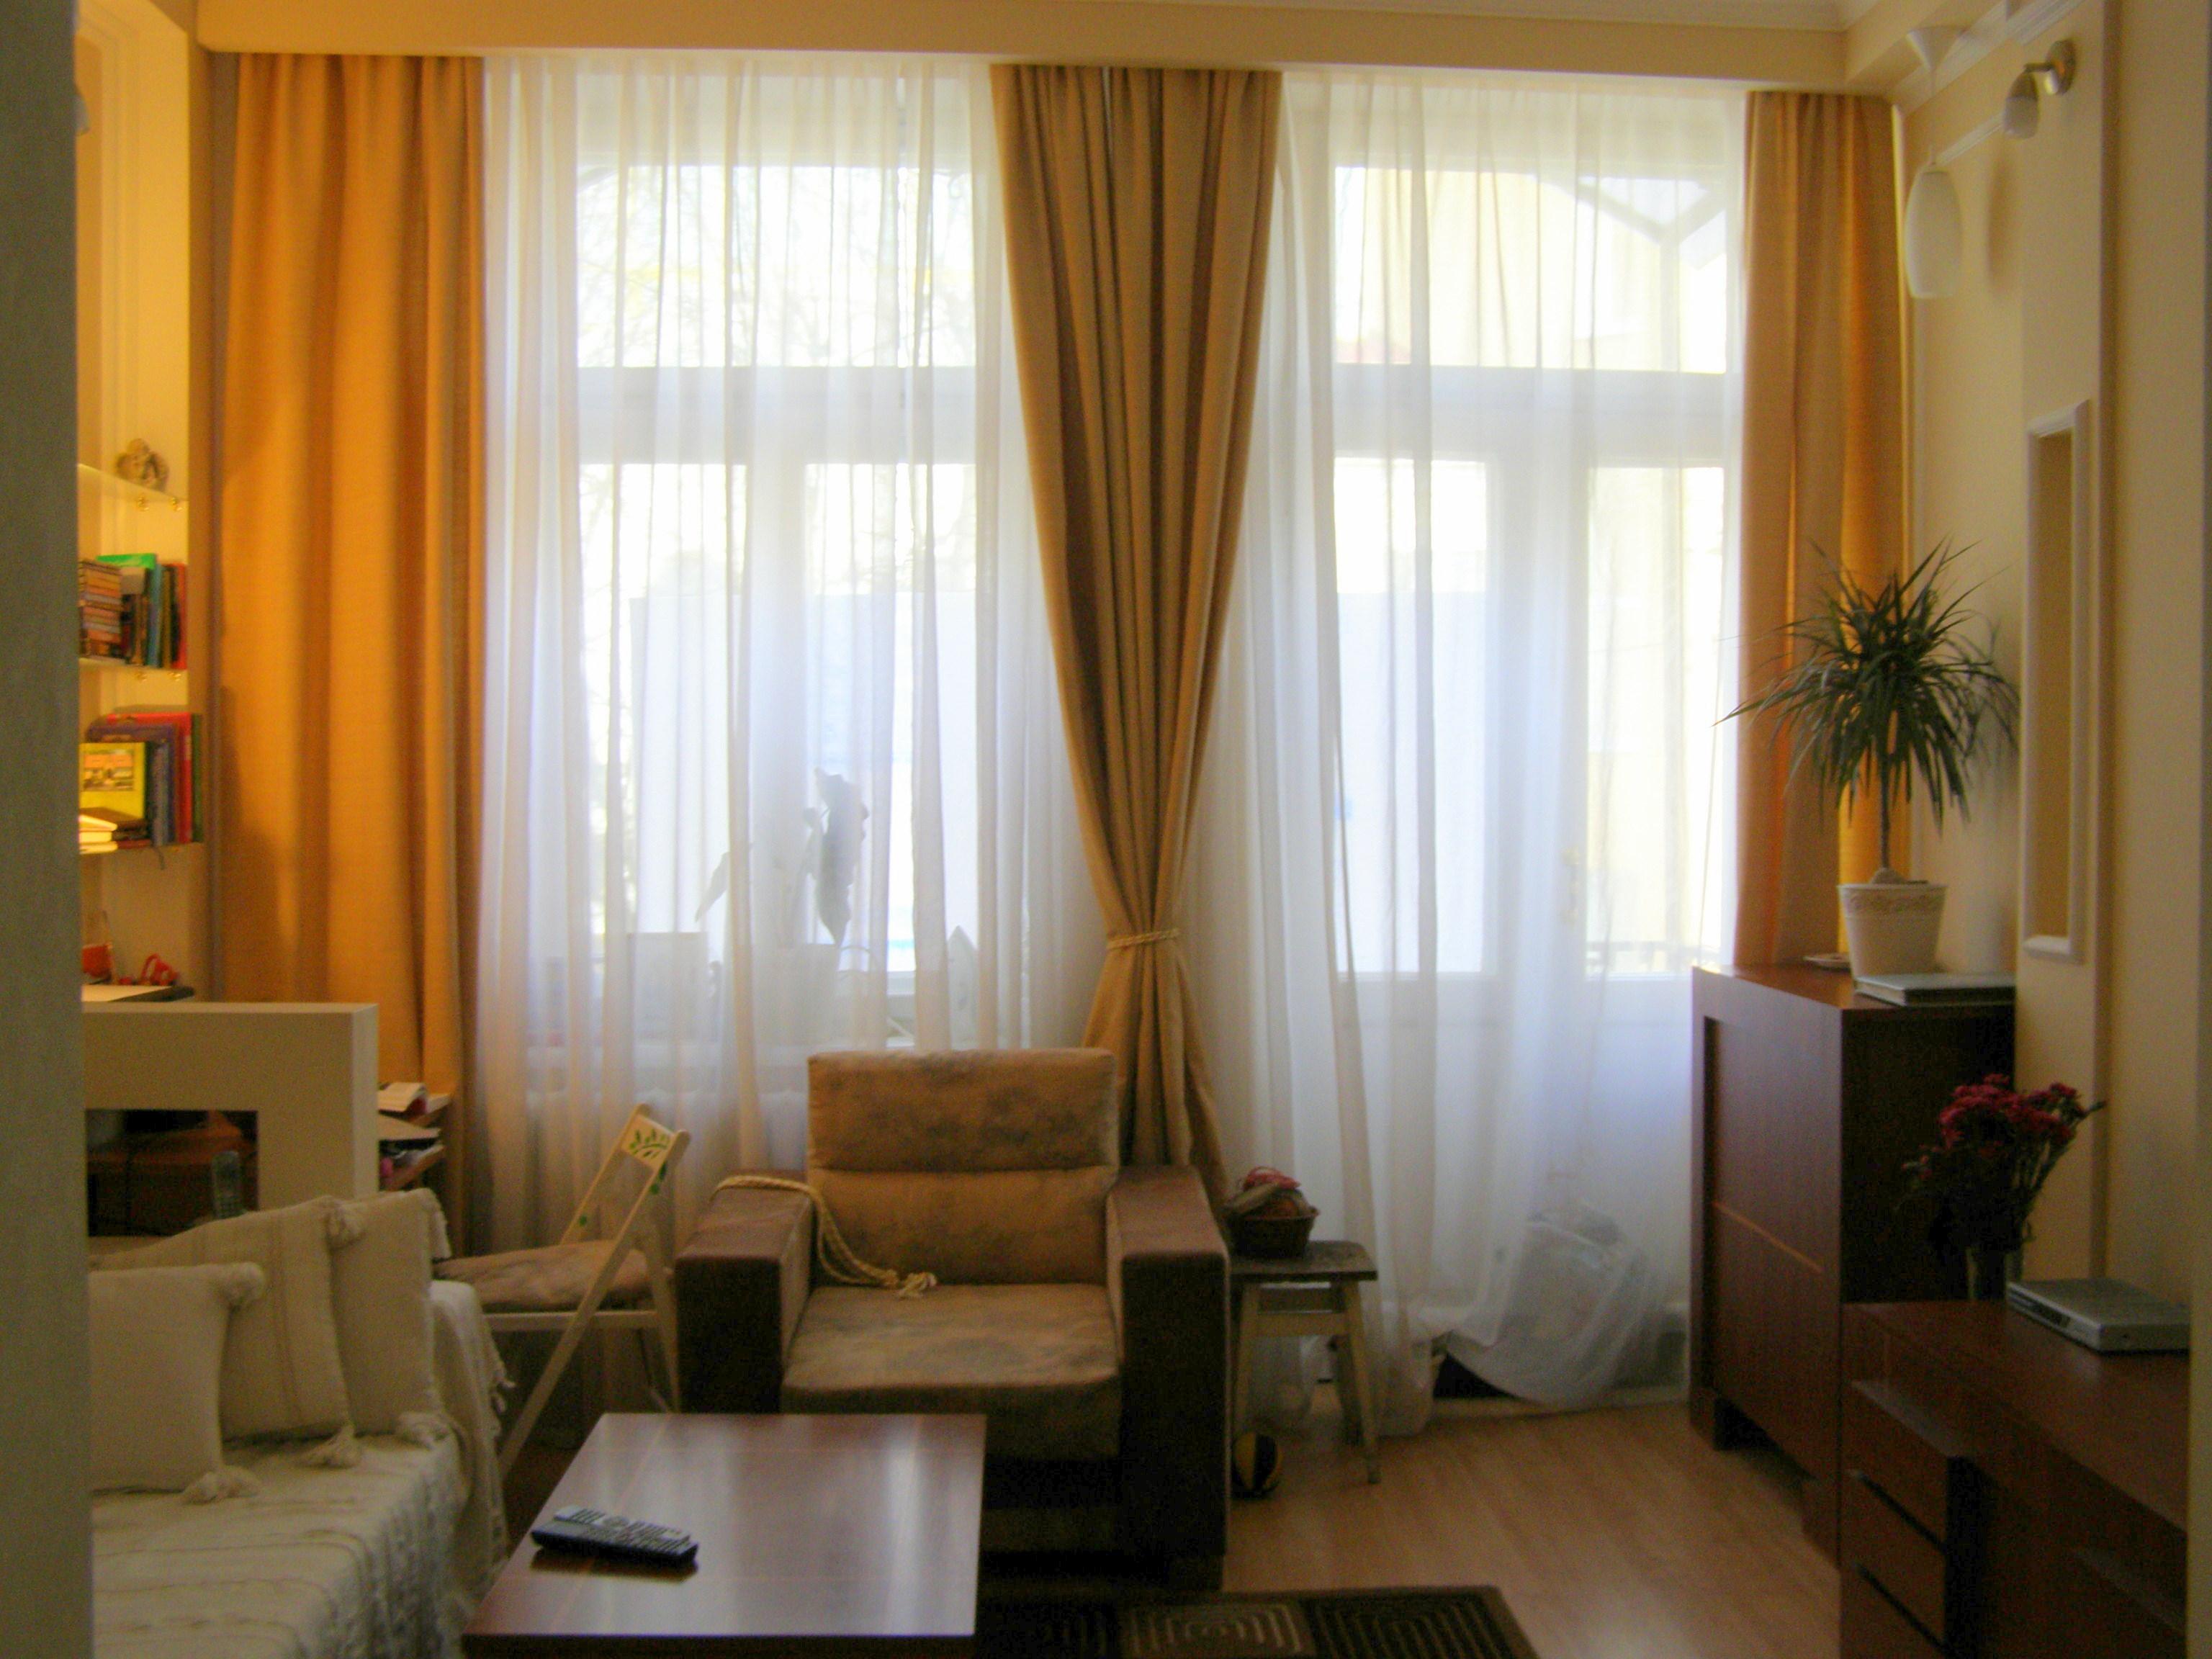 Дизайн комнаты с двумя окнами по одной стене фото.